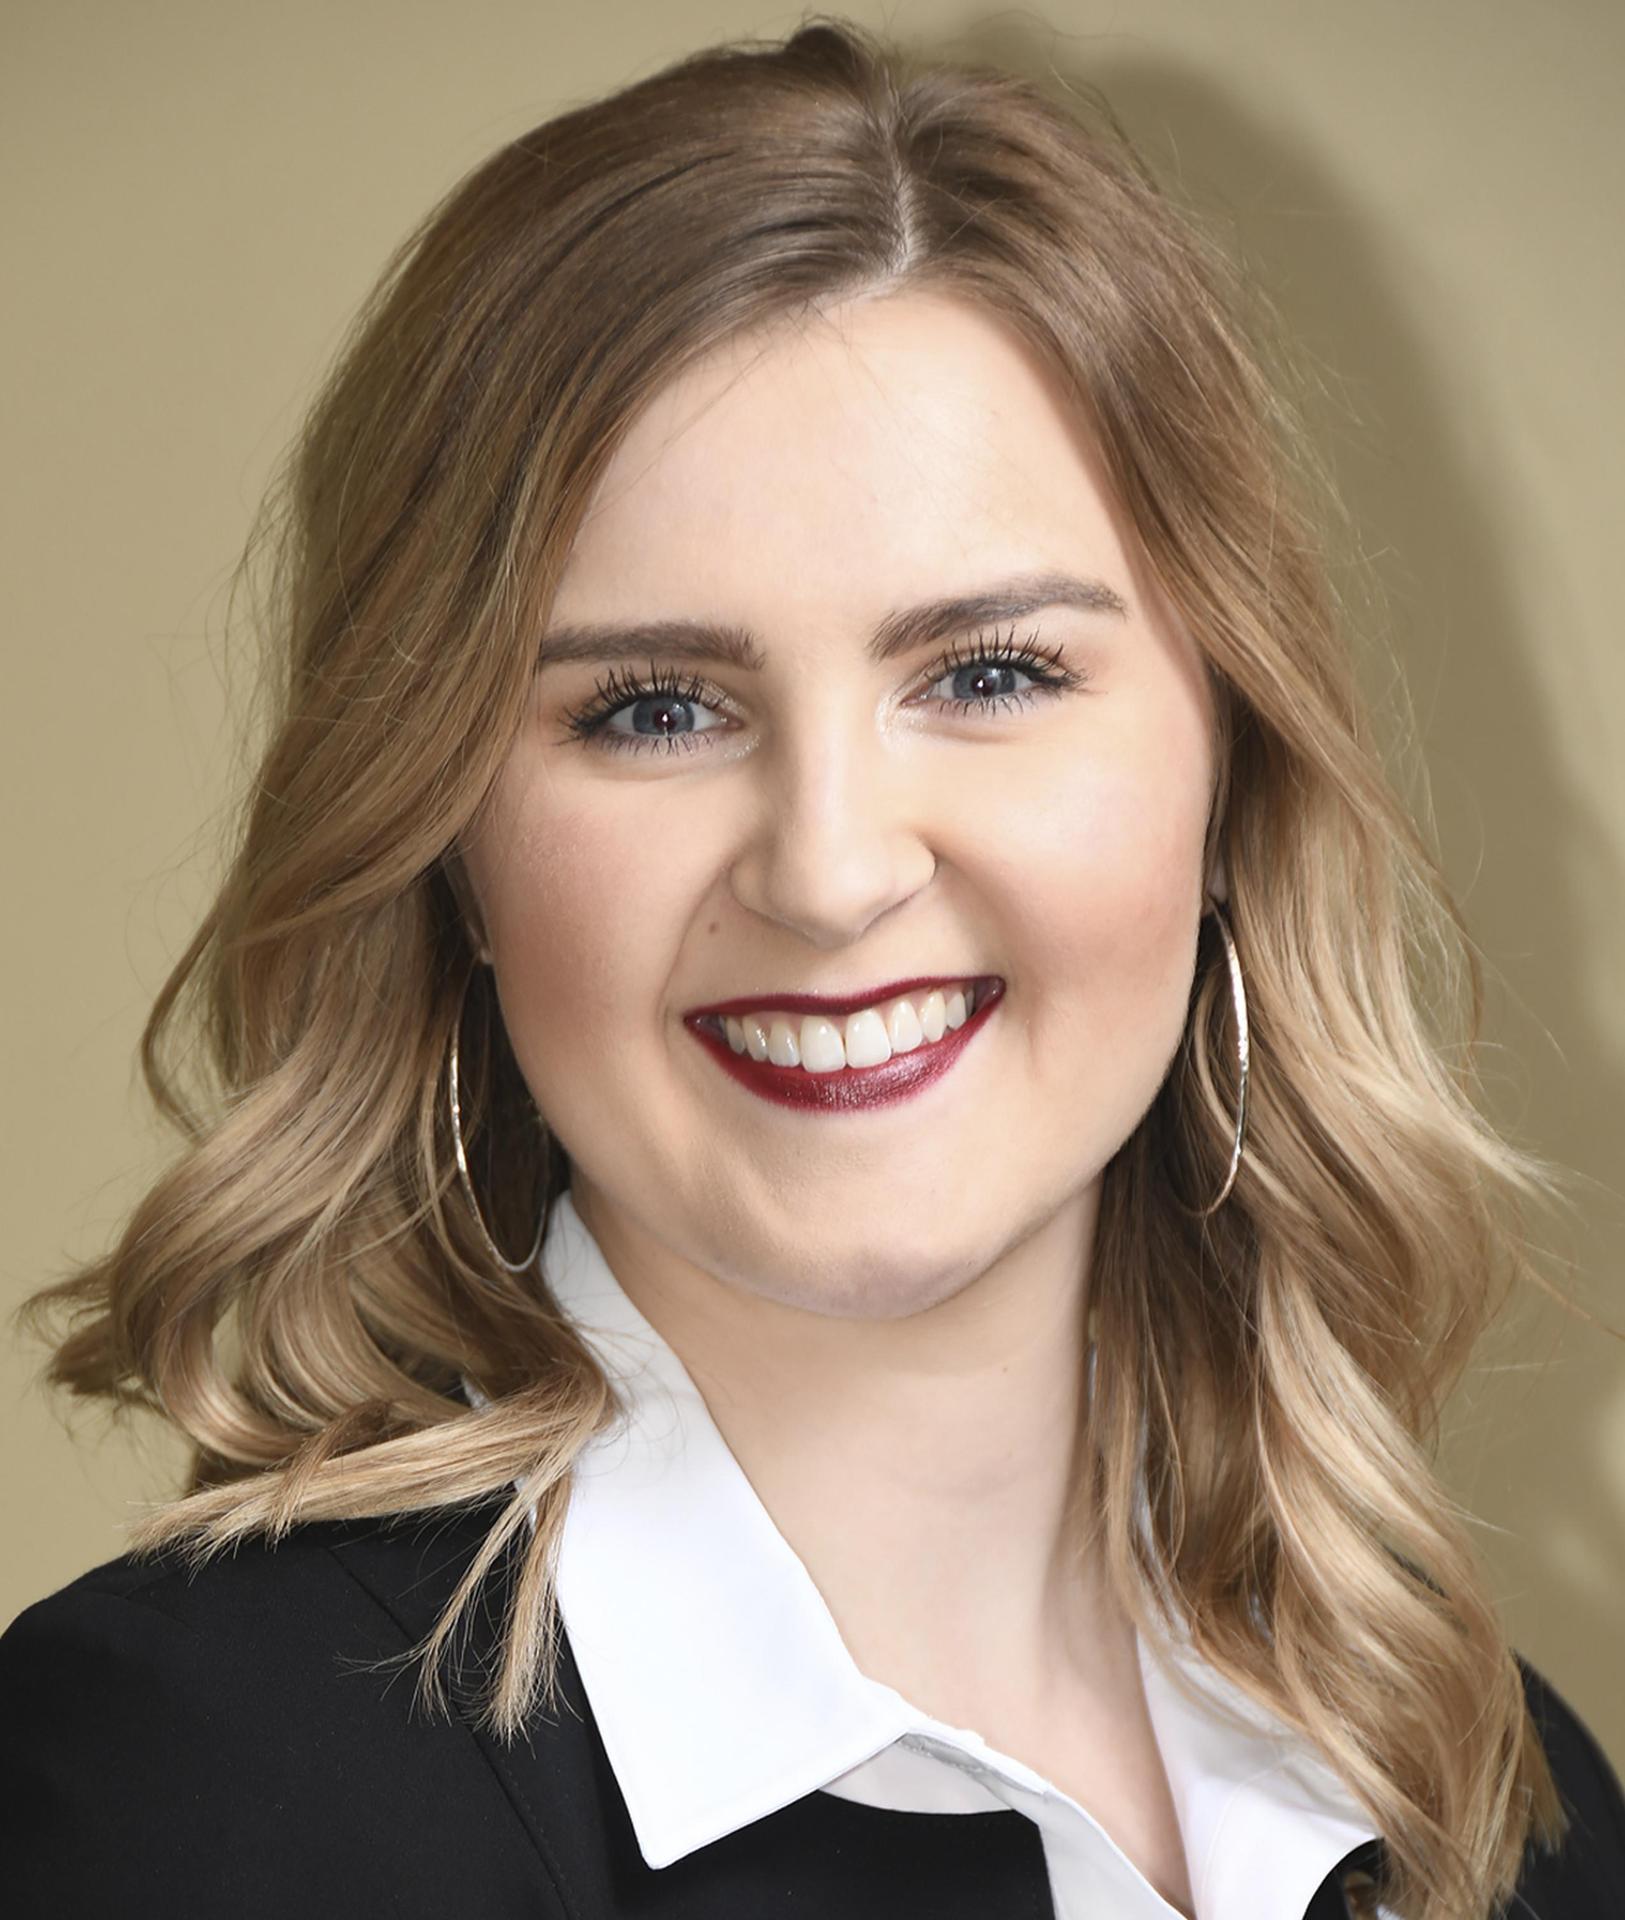 Kimberly Nevil Hermiston for Chamber of Commerce Foundation